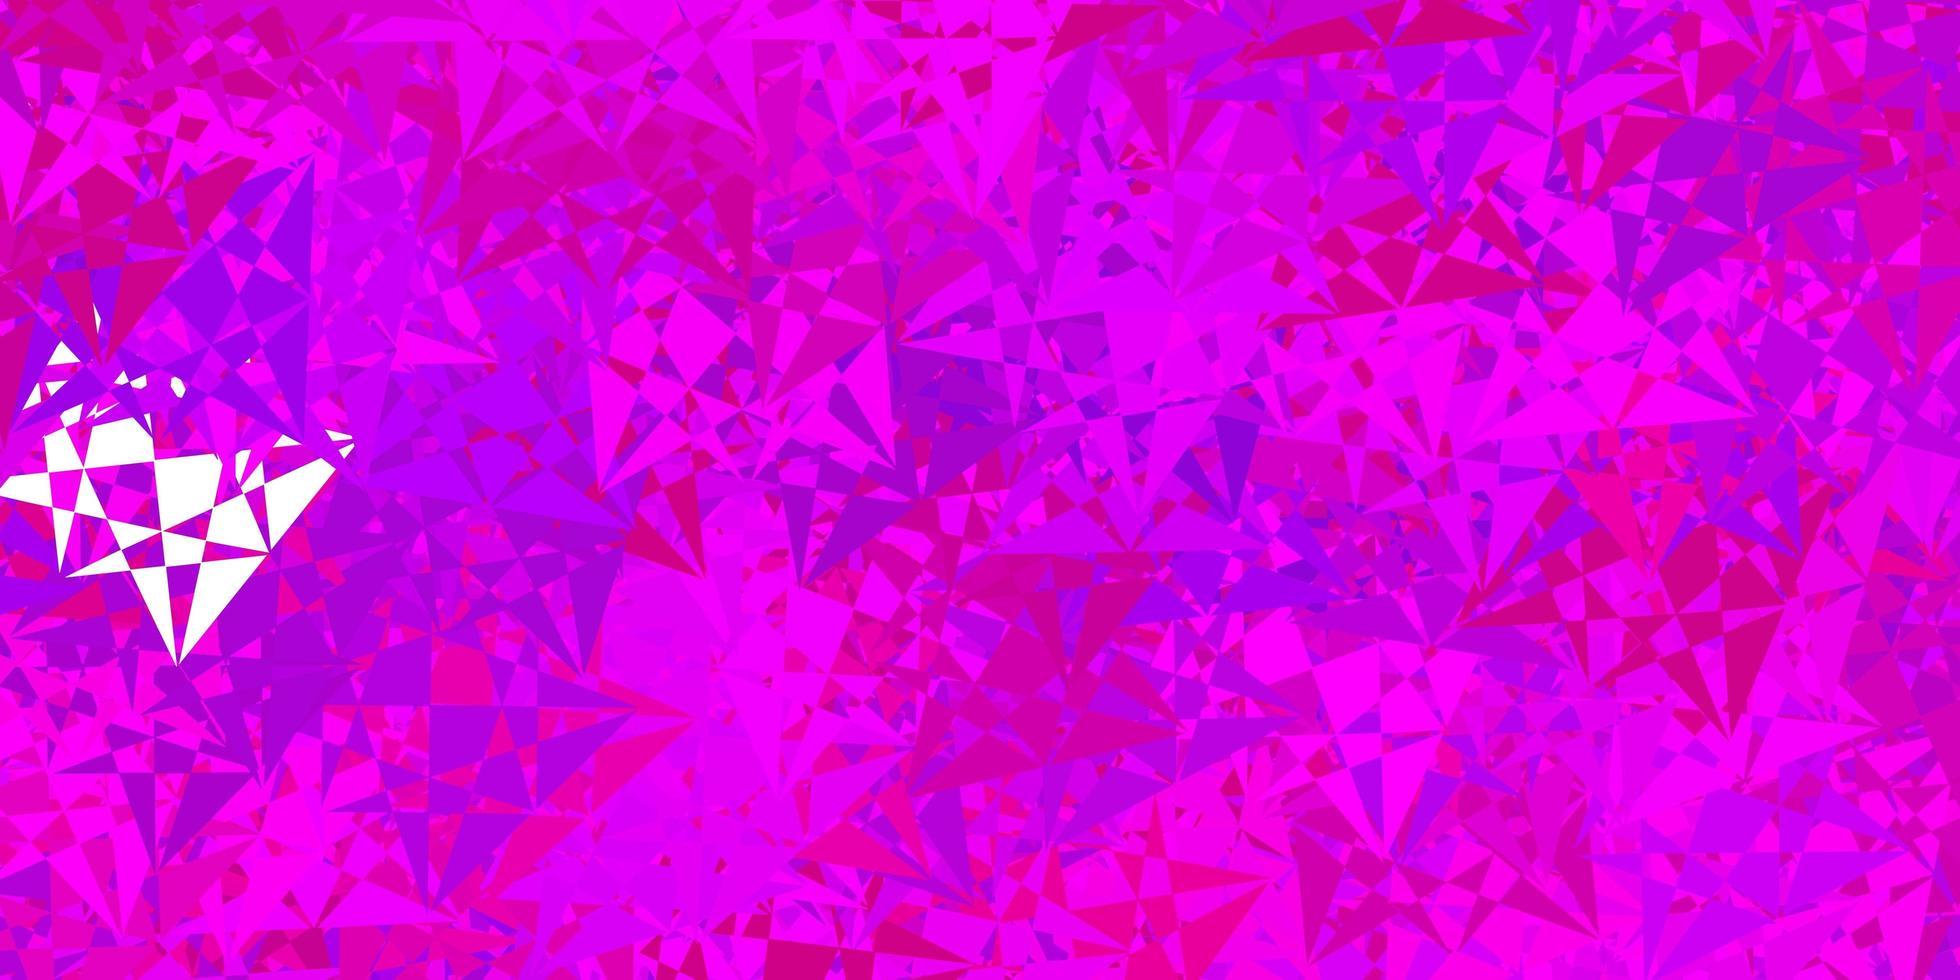 dunkelroter Vektorhintergrund mit Dreiecken. vektor